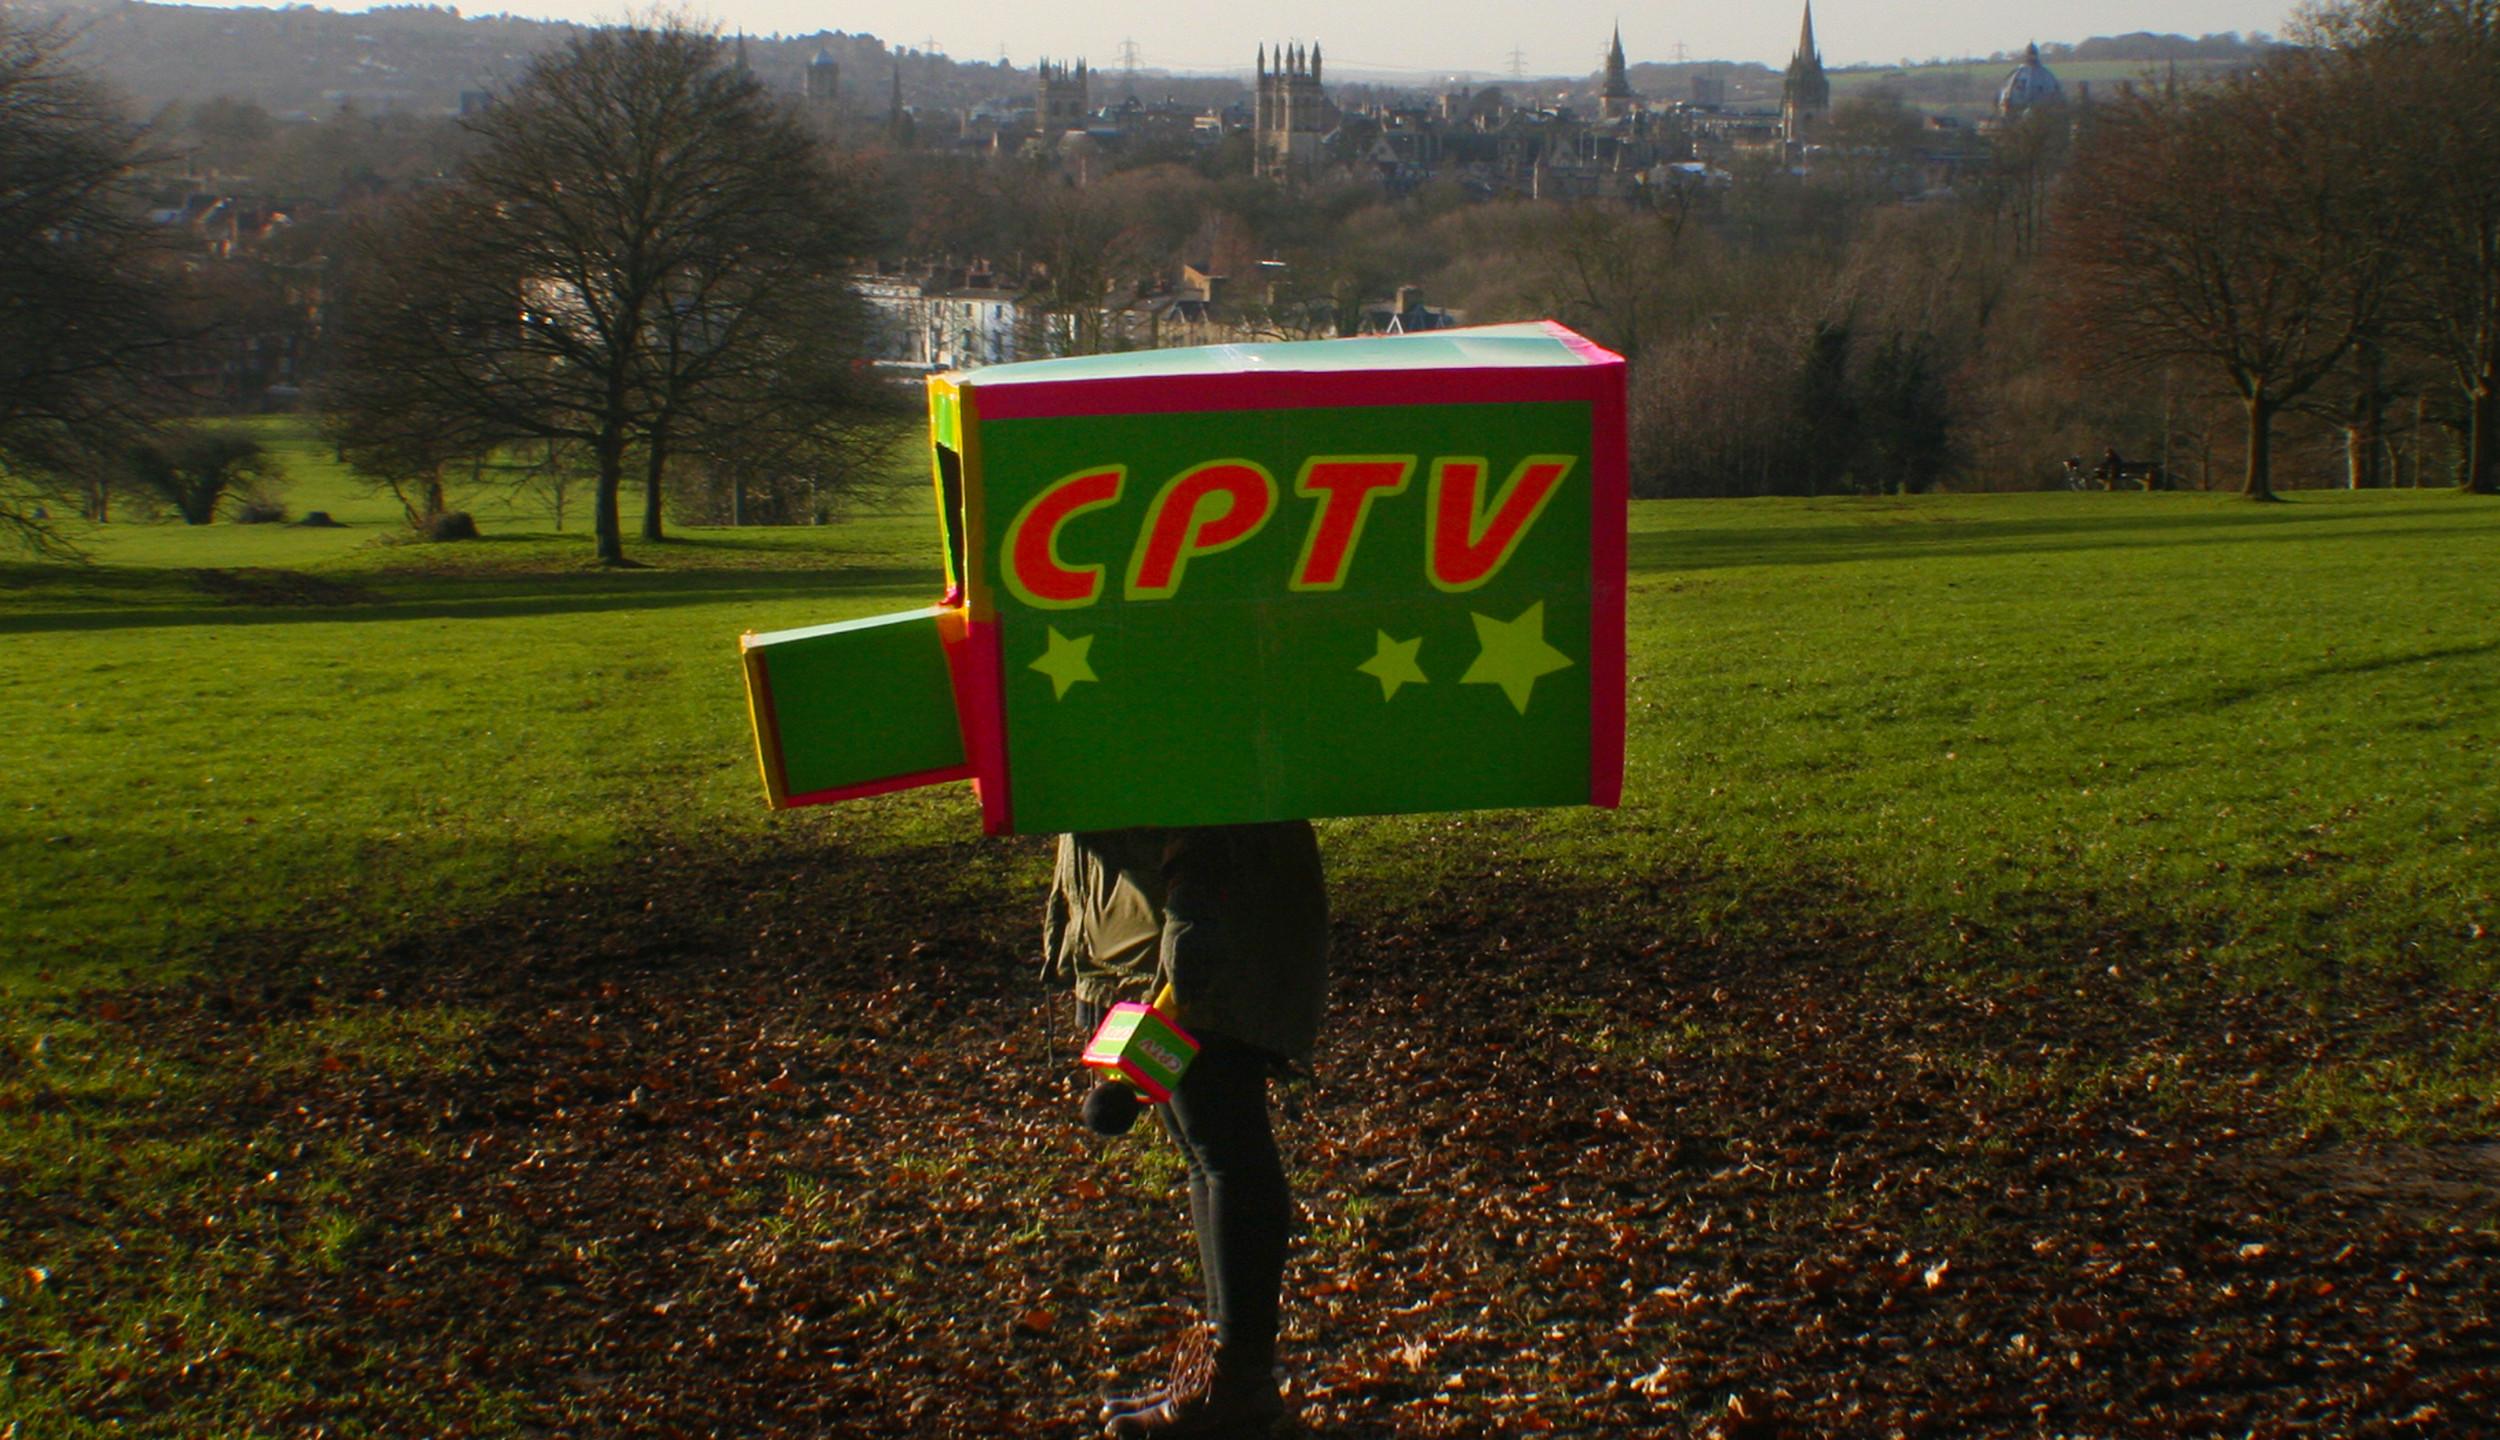 CPTV2s